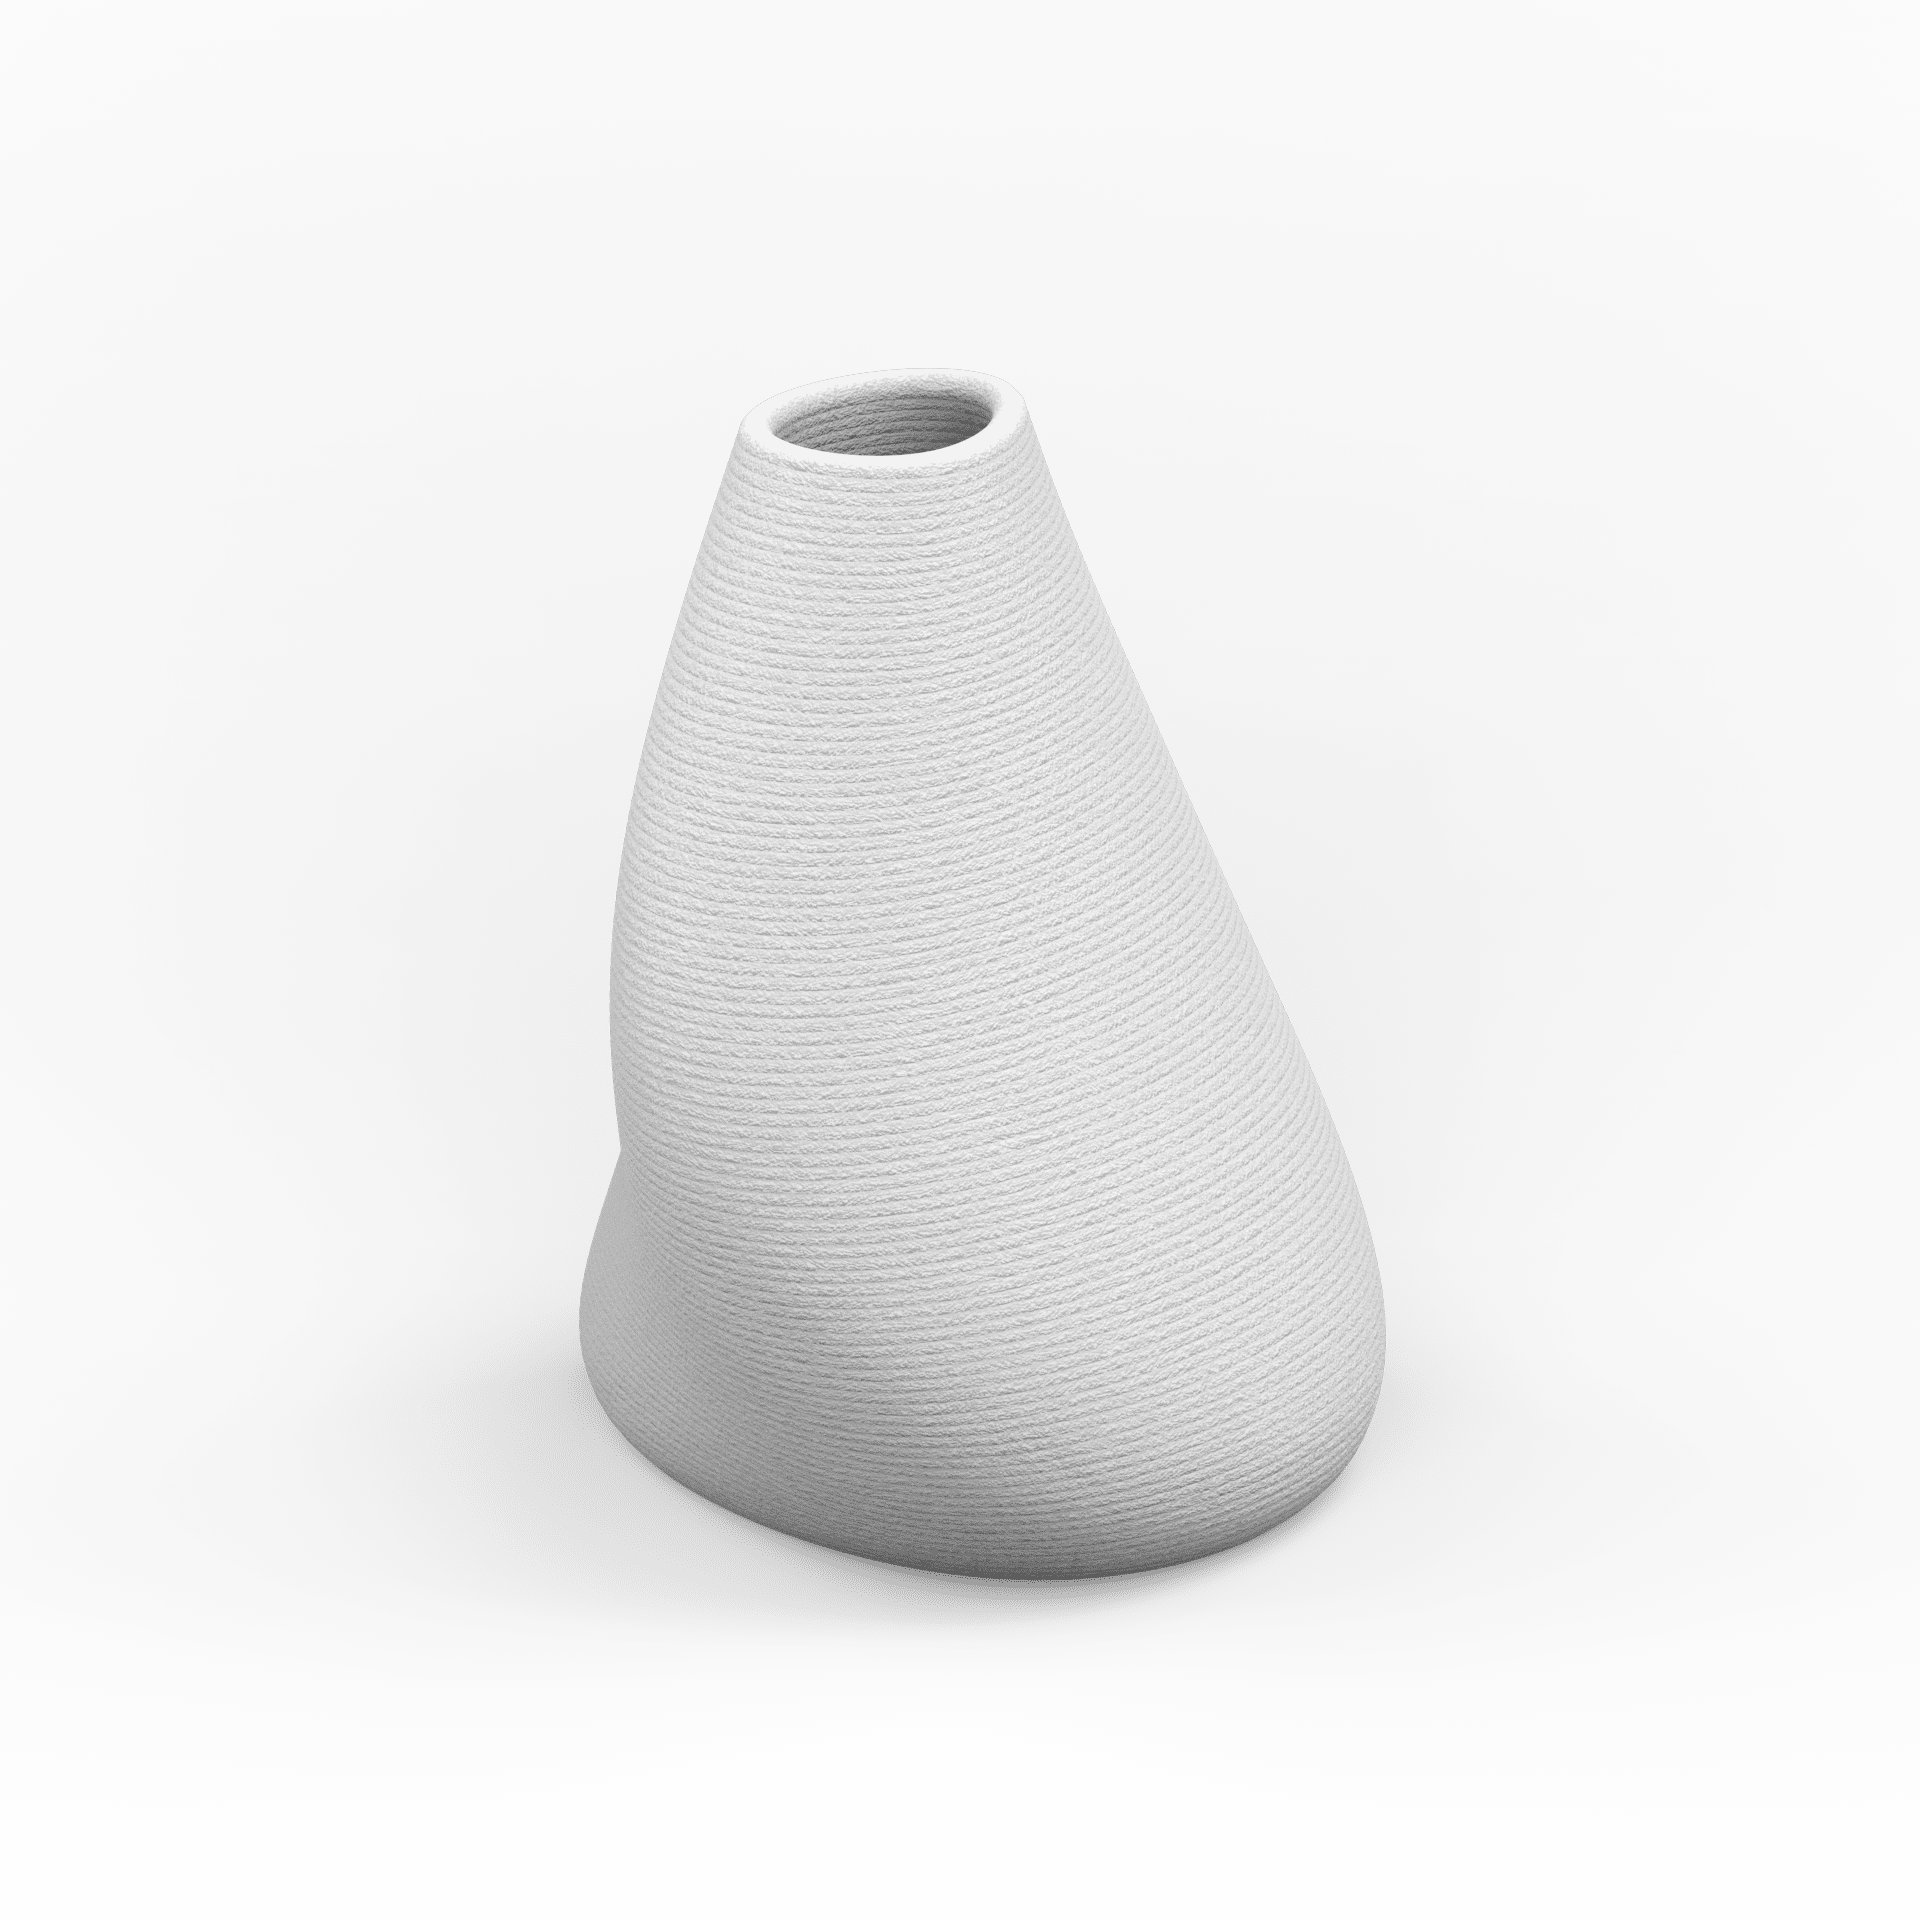 Boyk Vase